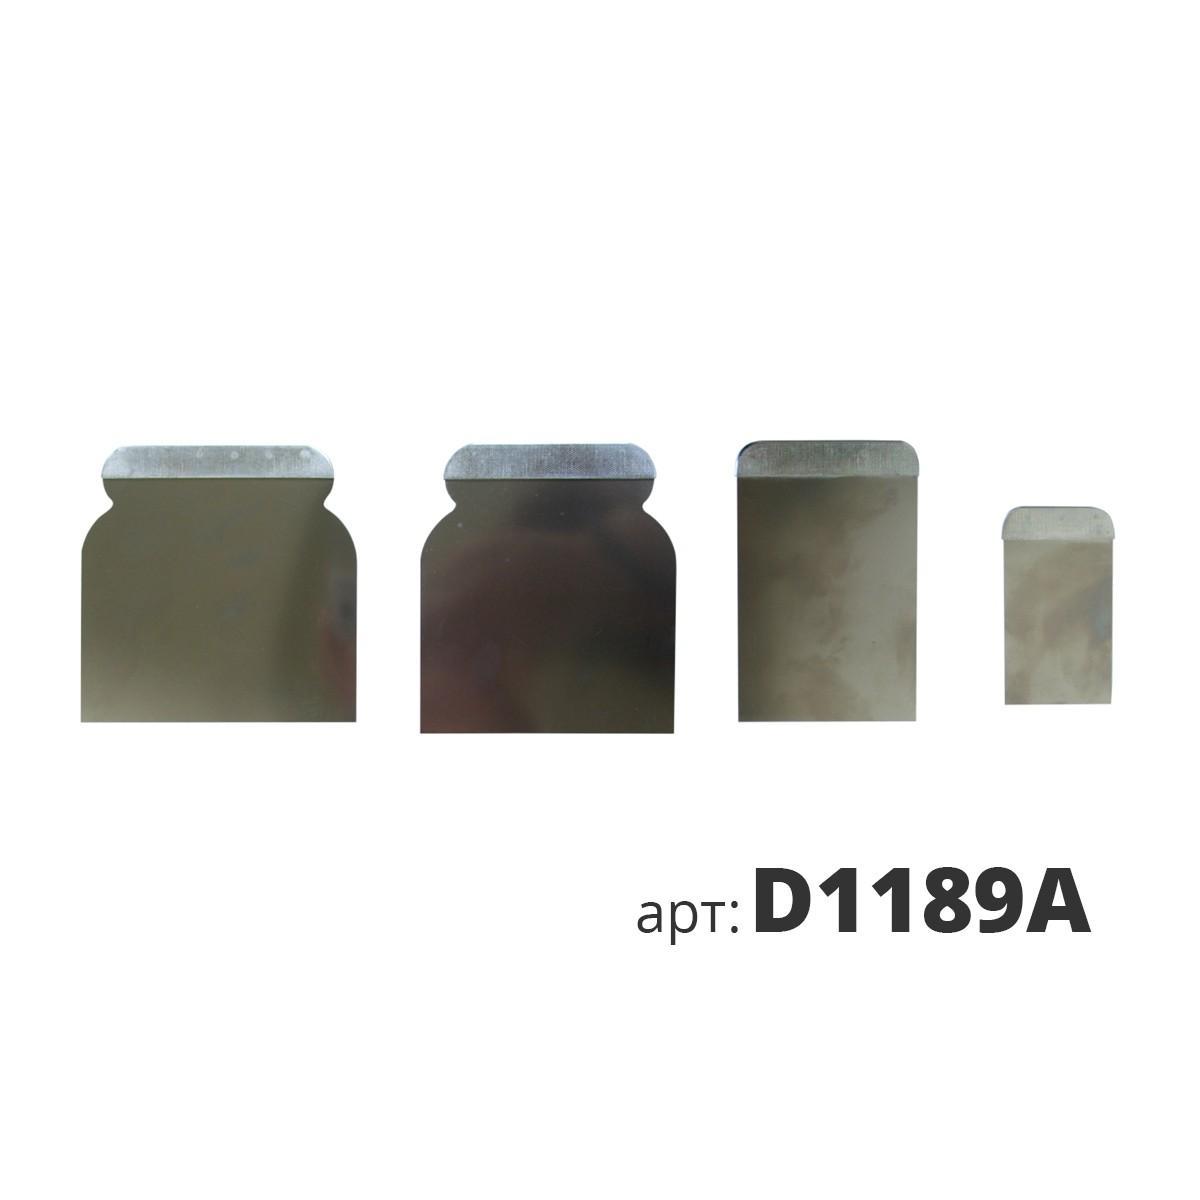 Набор шпателей (4шт) из нержавеющей стали D1189A